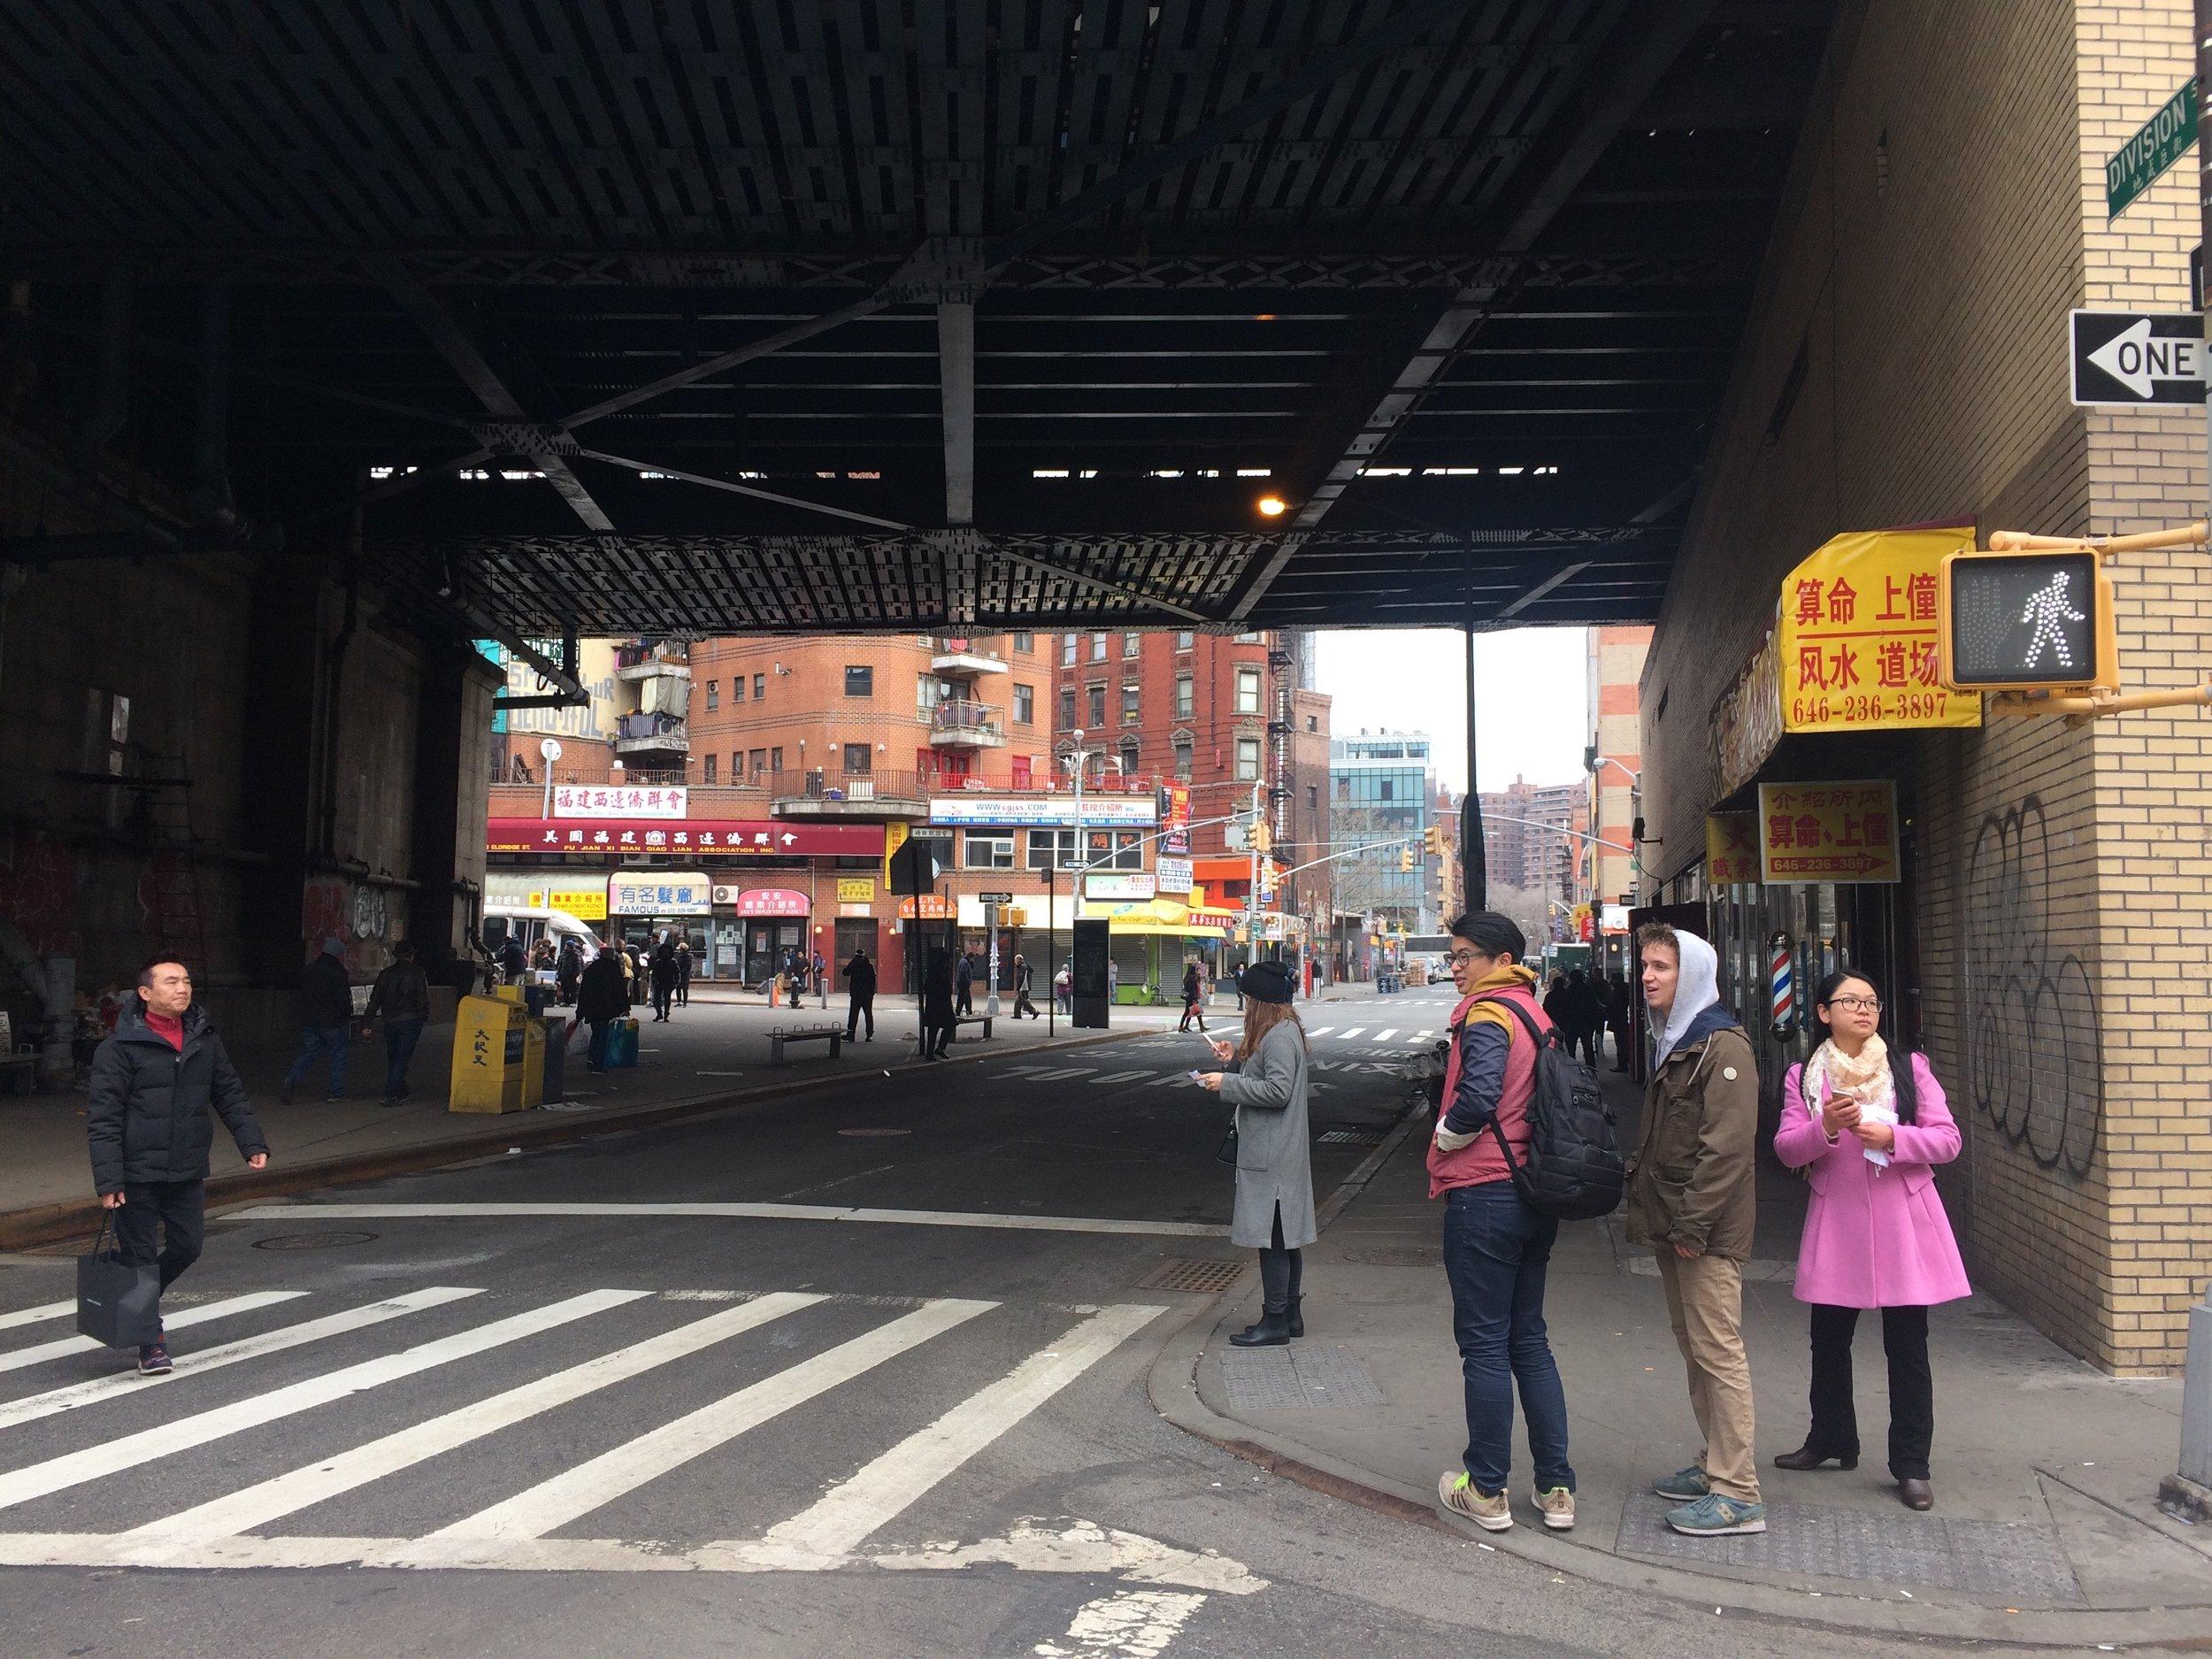 Division Street, under the Manhattan Bridge